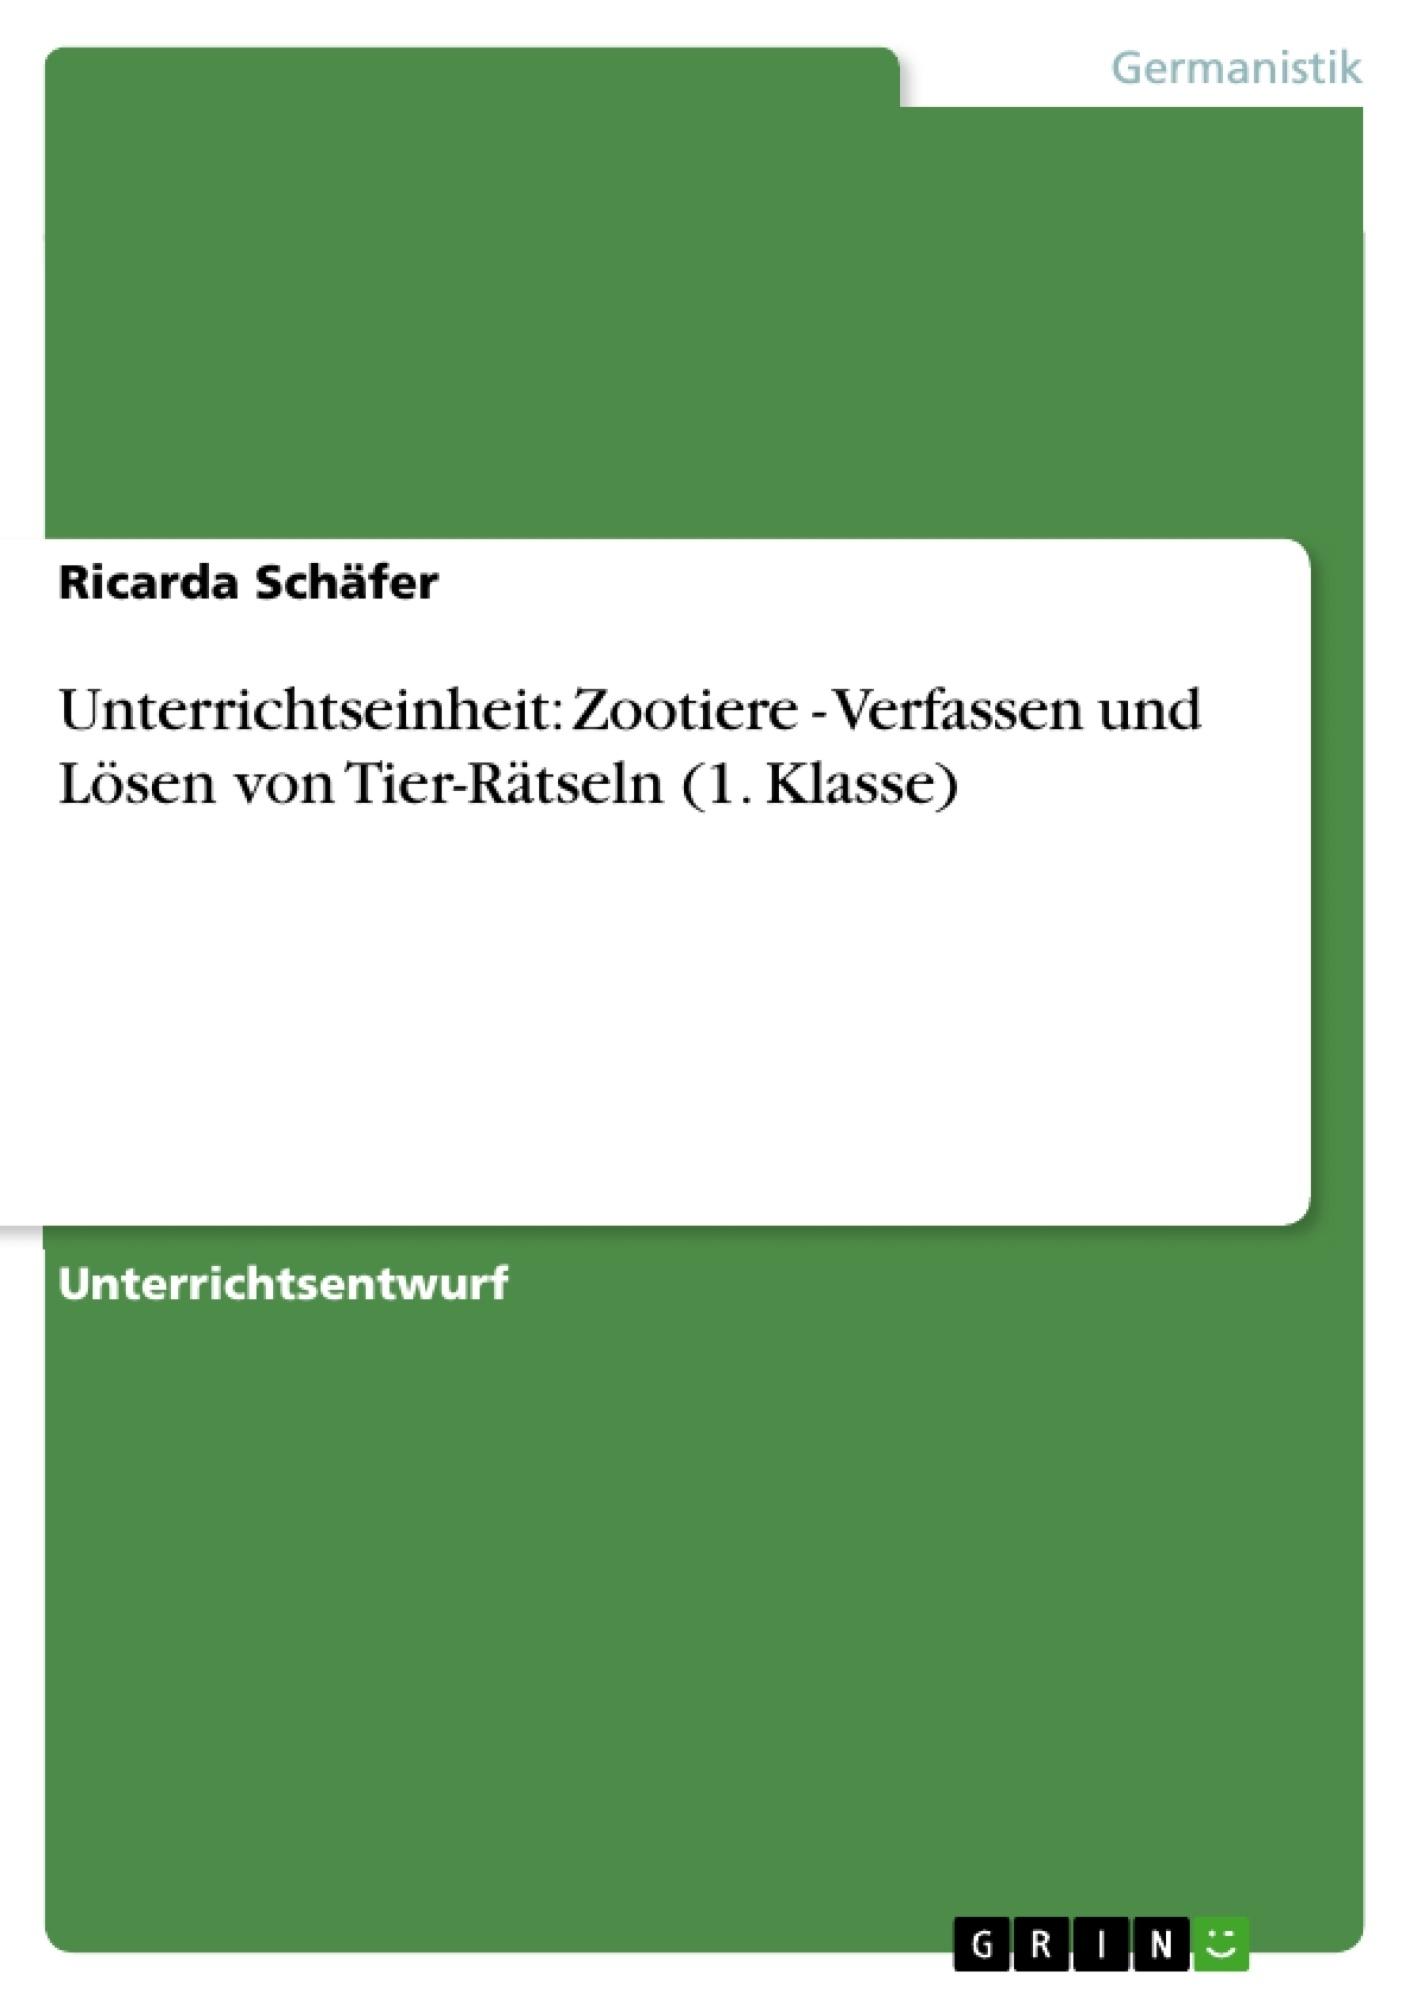 Titel: Unterrichtseinheit: Zootiere - Verfassen und Lösen von Tier-Rätseln (1. Klasse)